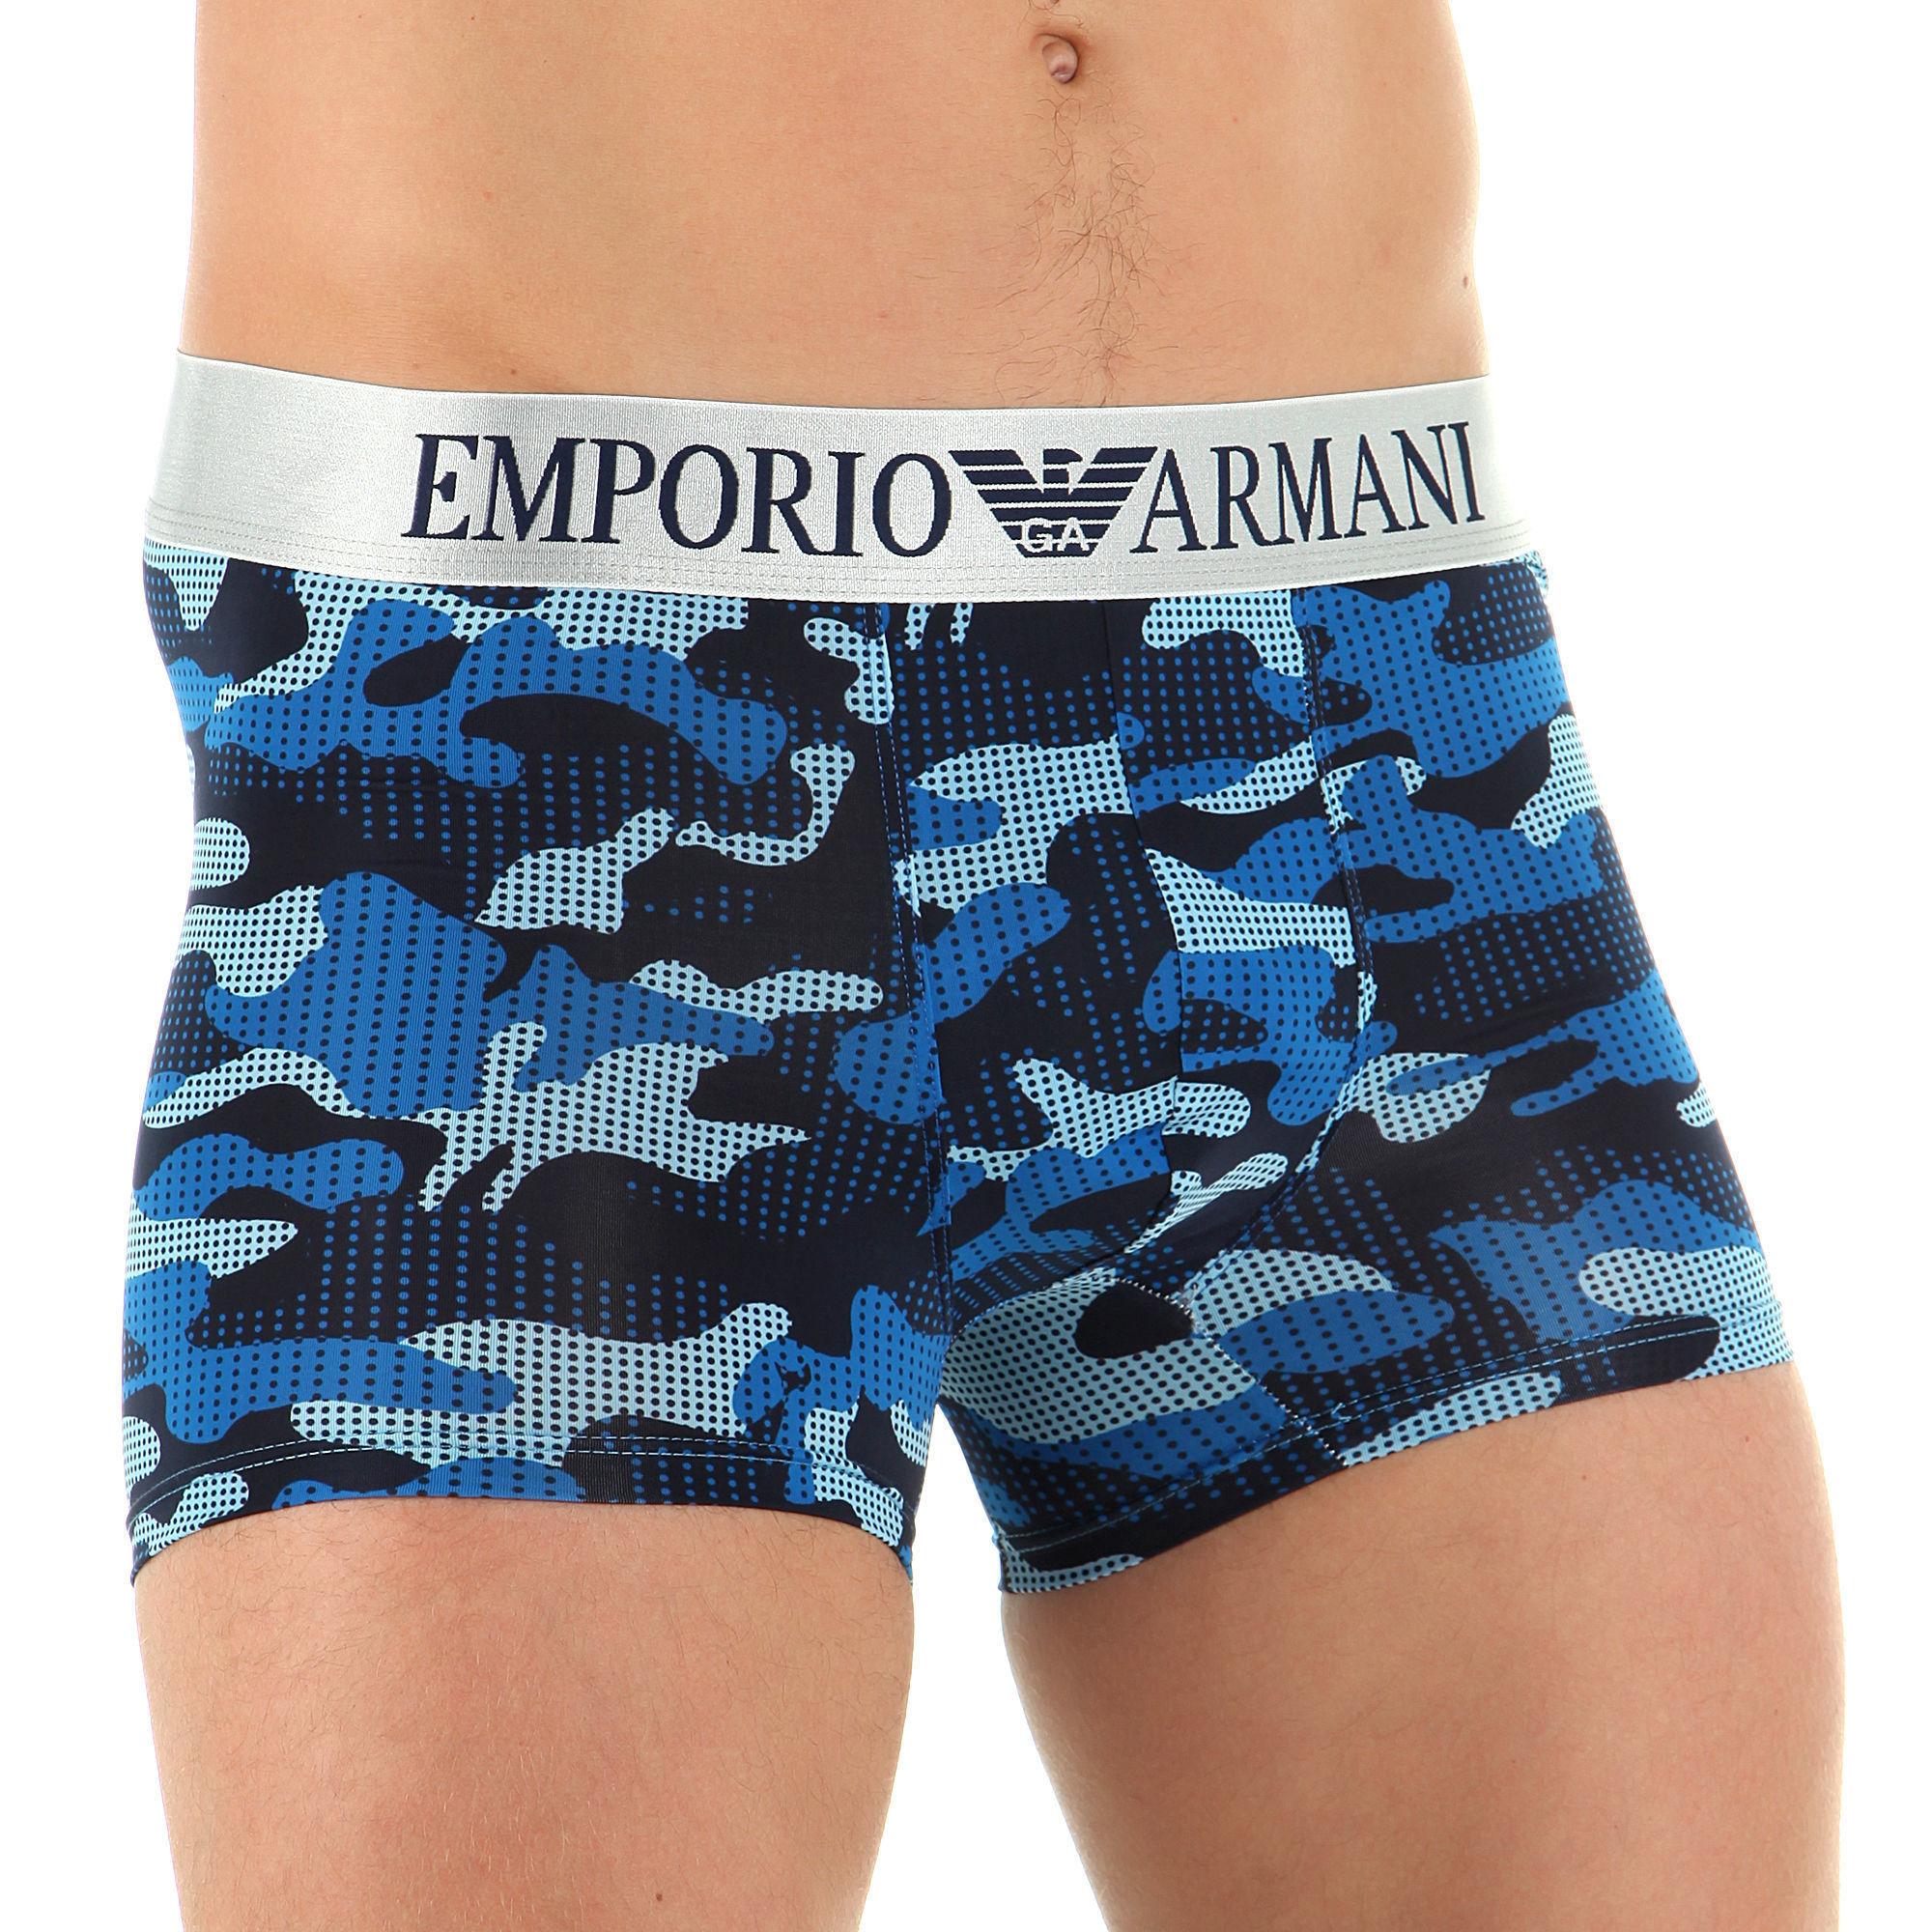 Мужские трусы боксеры синий камуфляж Emporio Armani Camo Navy